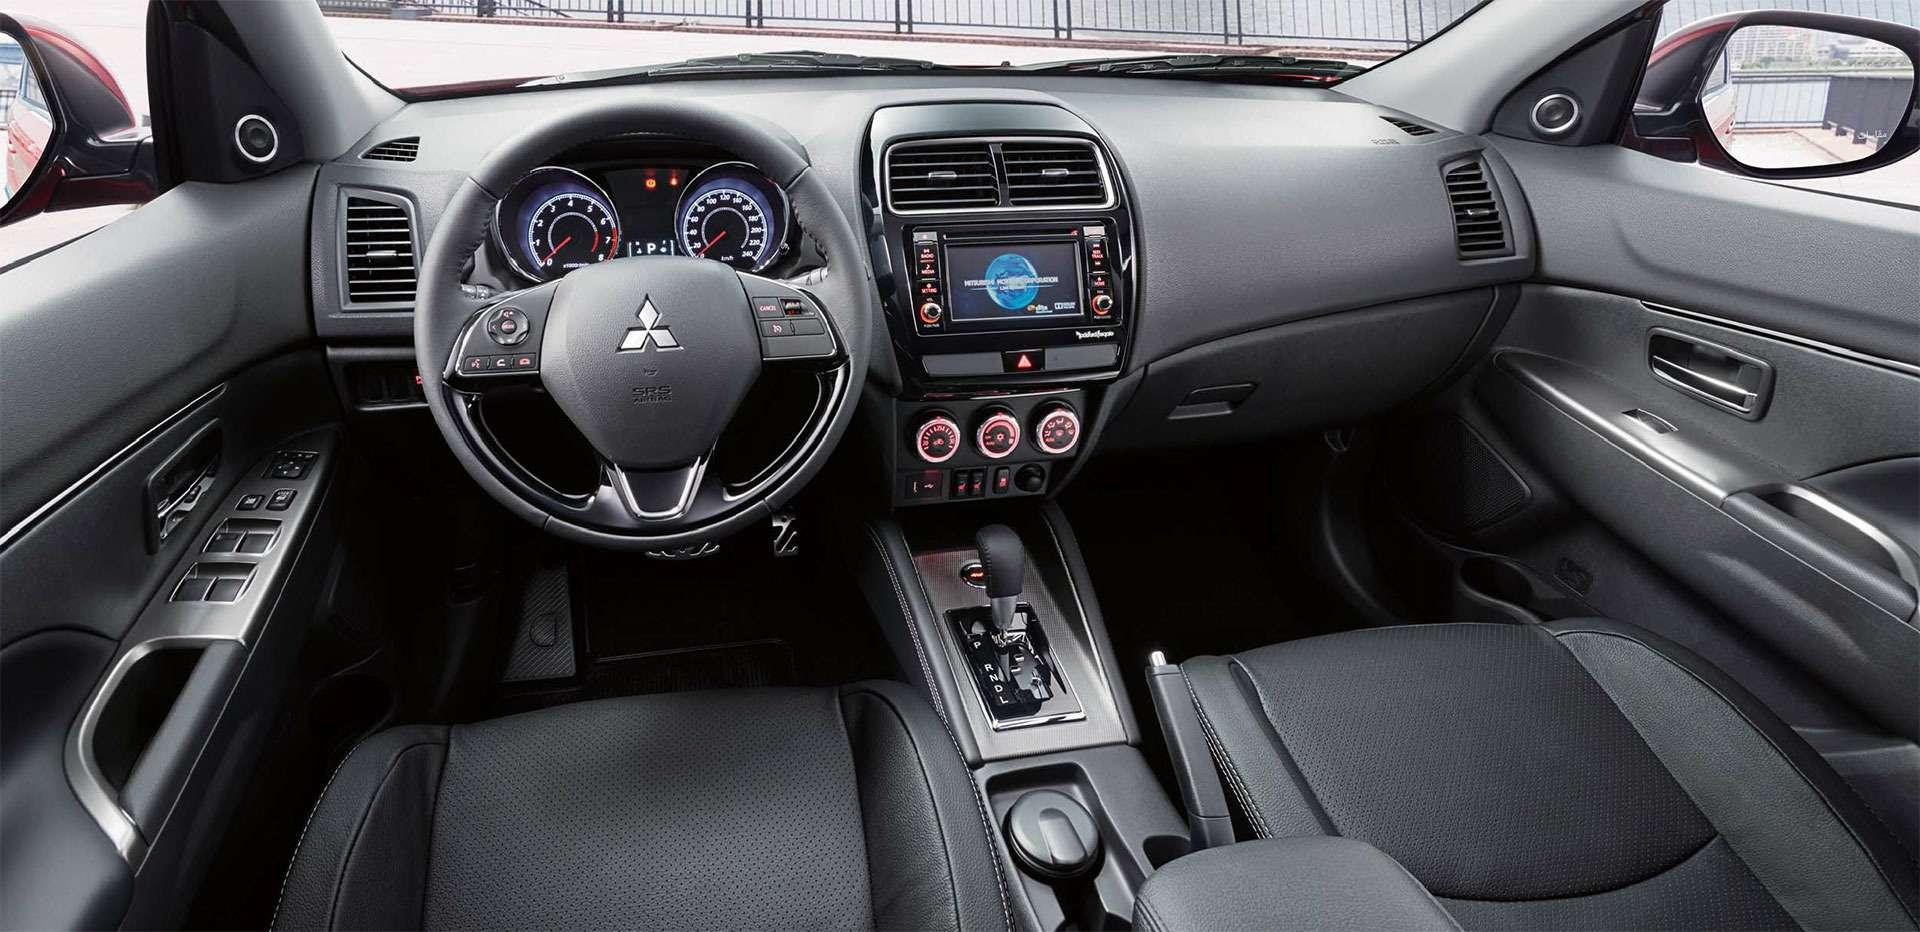 Mitsubishi представила вМоскве обновленный кроссовер ASX— фото 798320